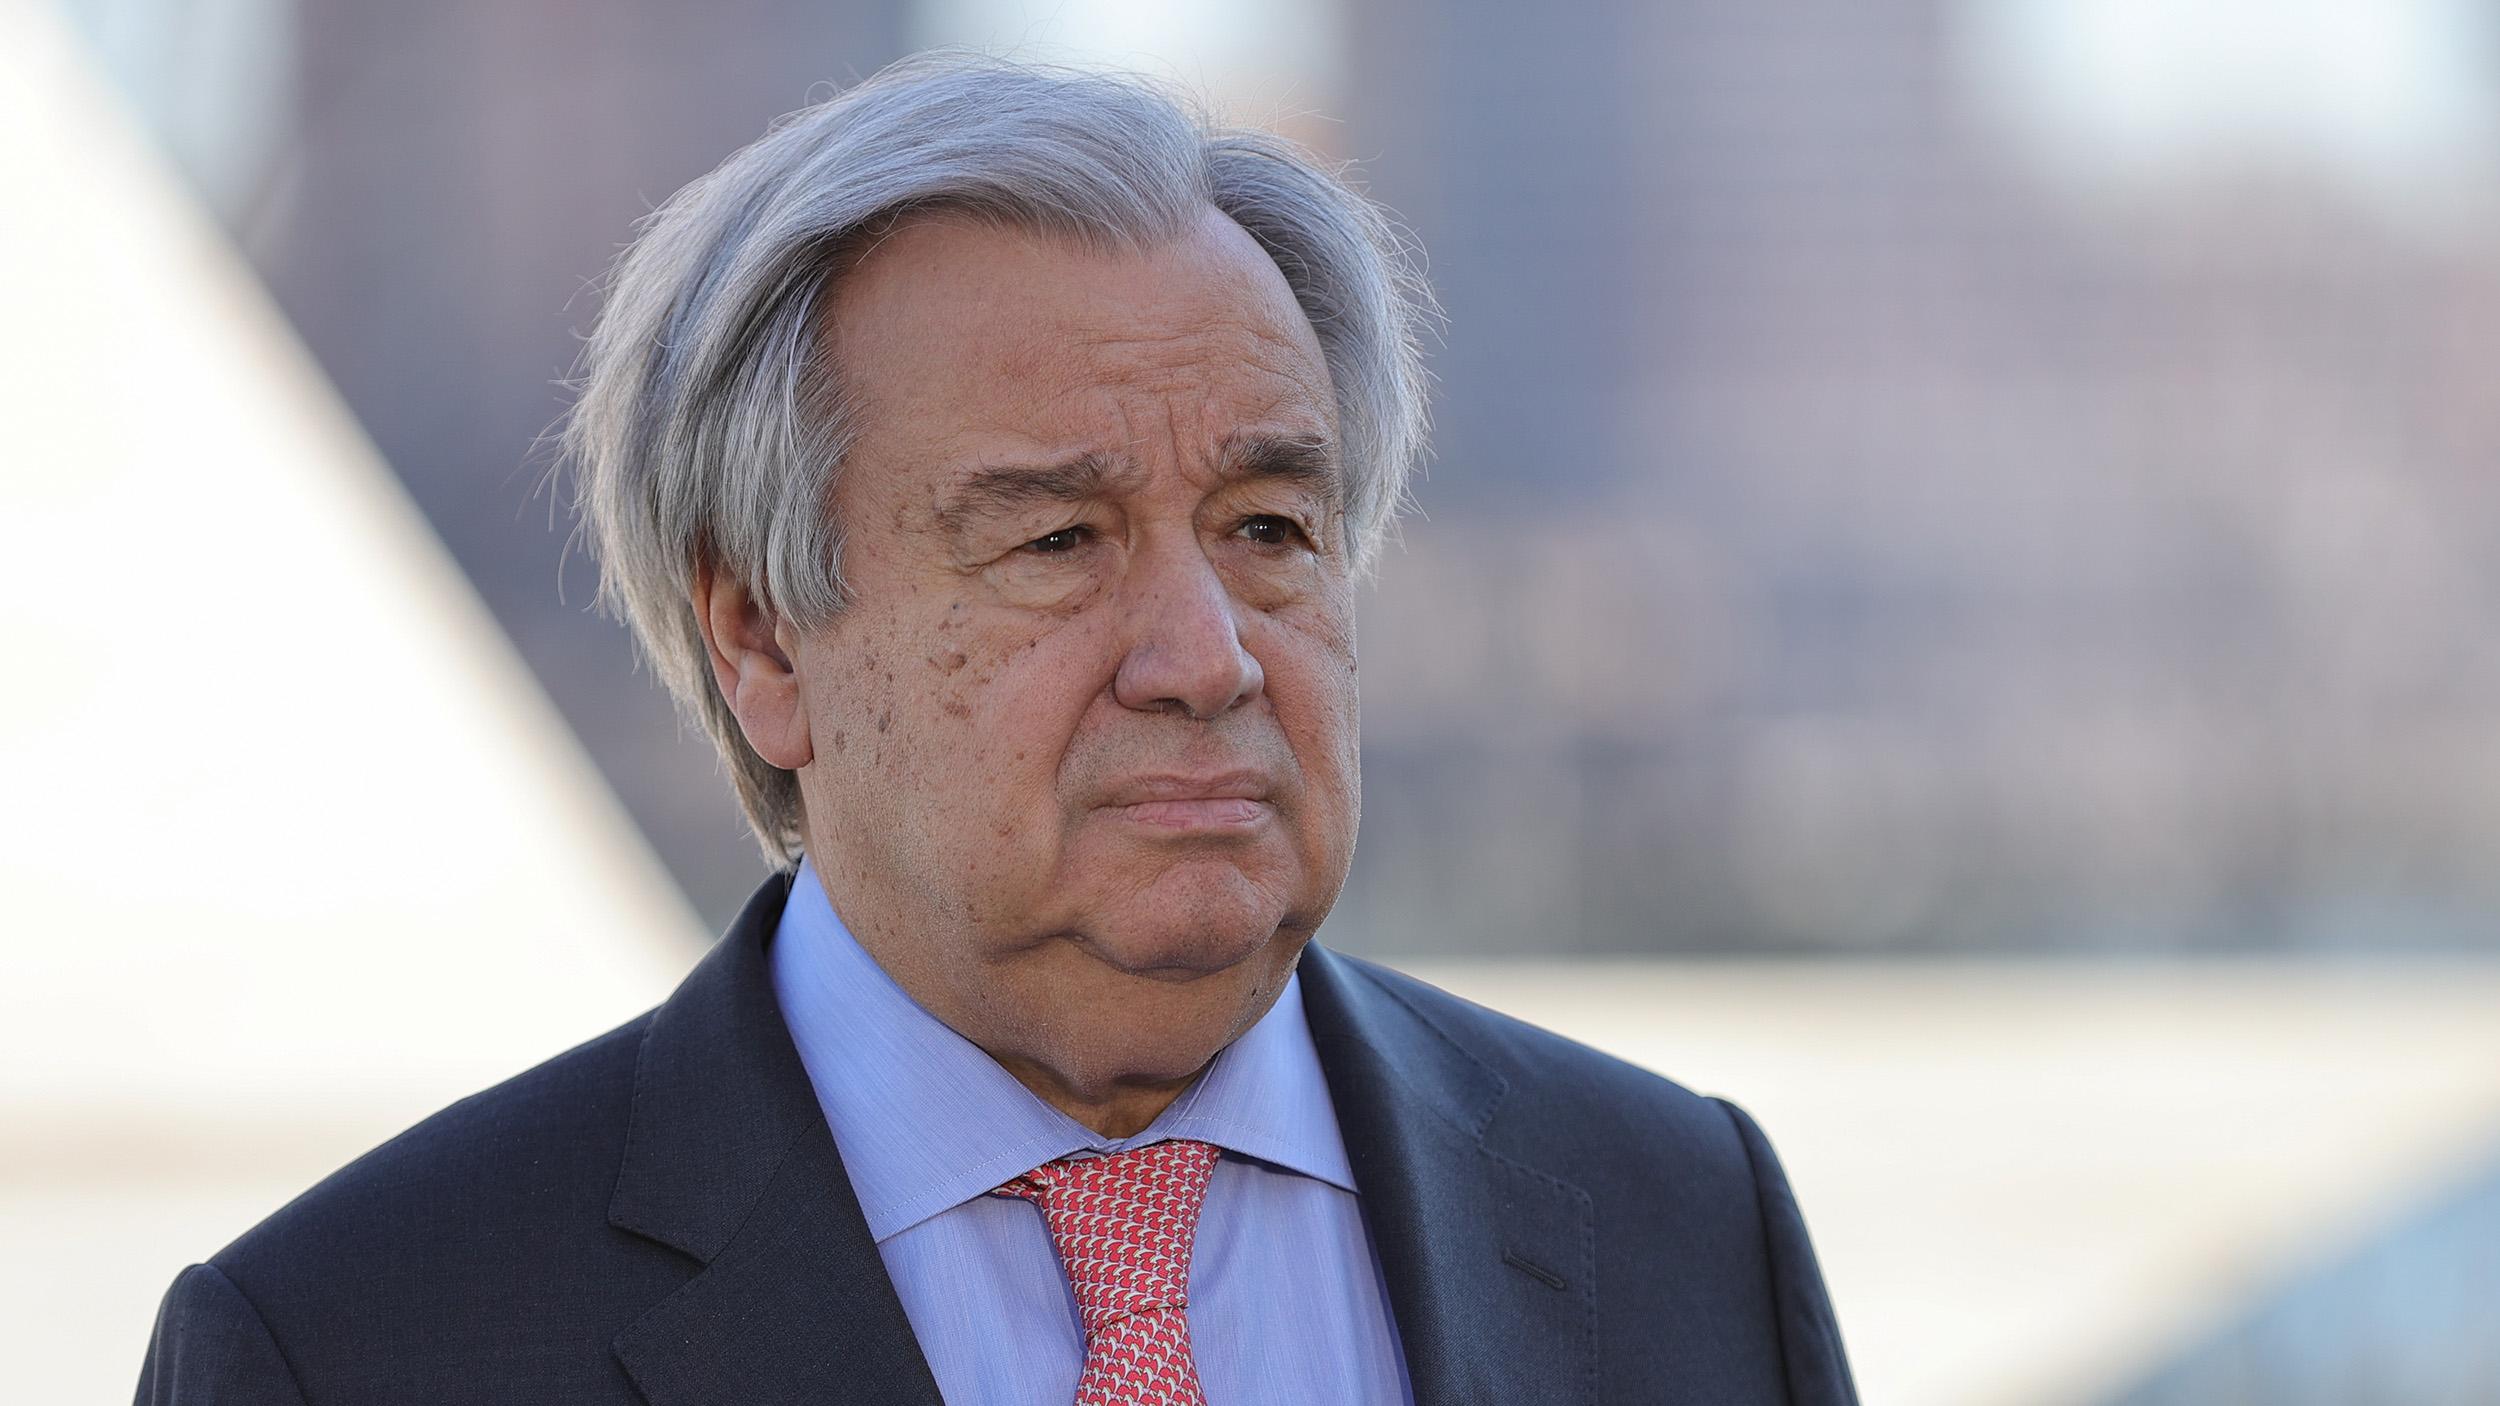 US Secretary General Antonio Guterres